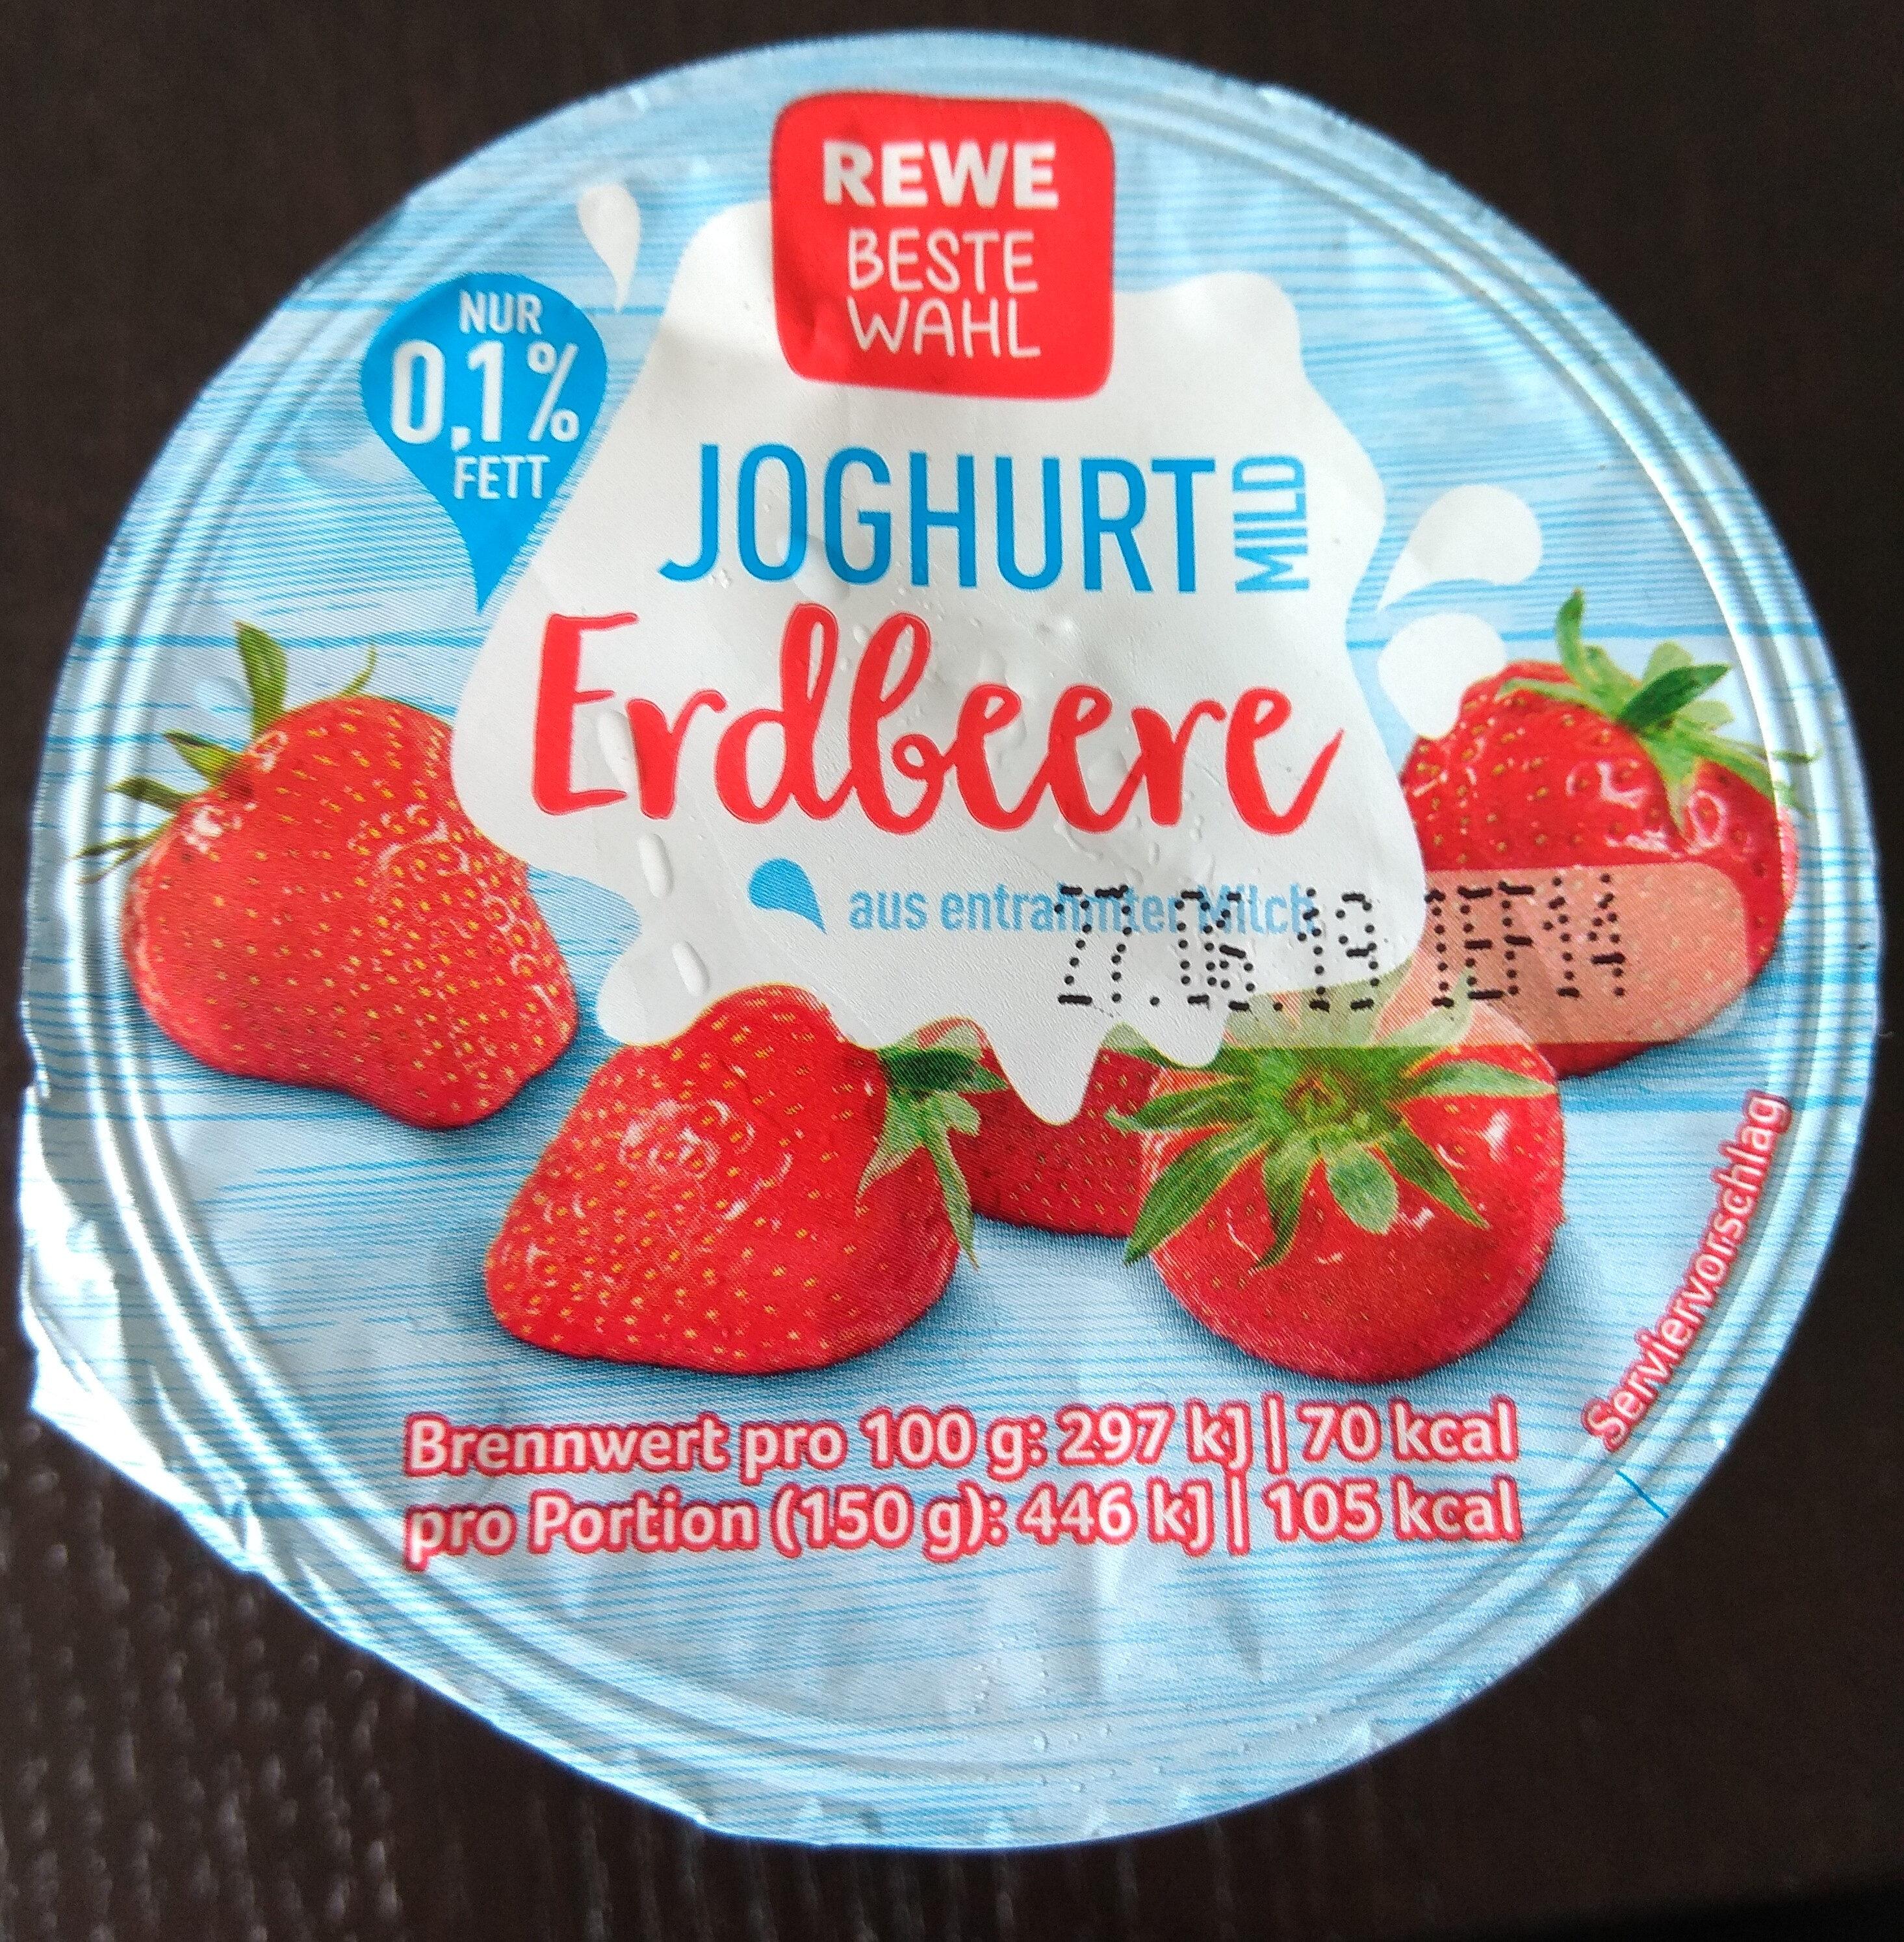 Jogurt Erdbeere - Product